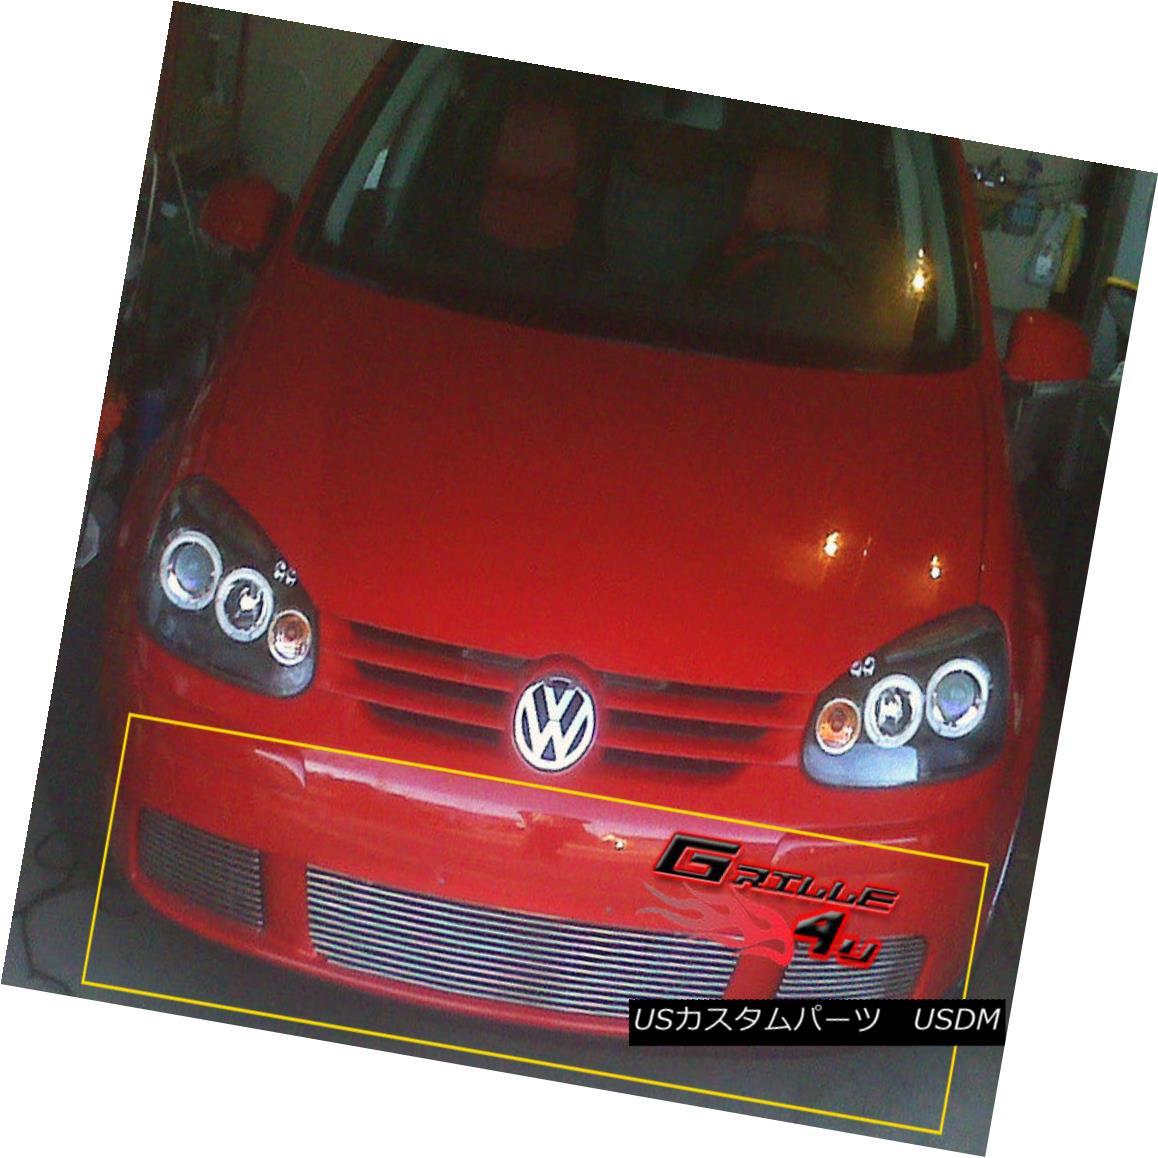 グリル Fits 07-09 VW Volkswagen Rabbit Lower Bumper Billet Grille Insert フィット07-09 VWフォルクスワーゲンウサギロワーバンパービレットグリルインサート